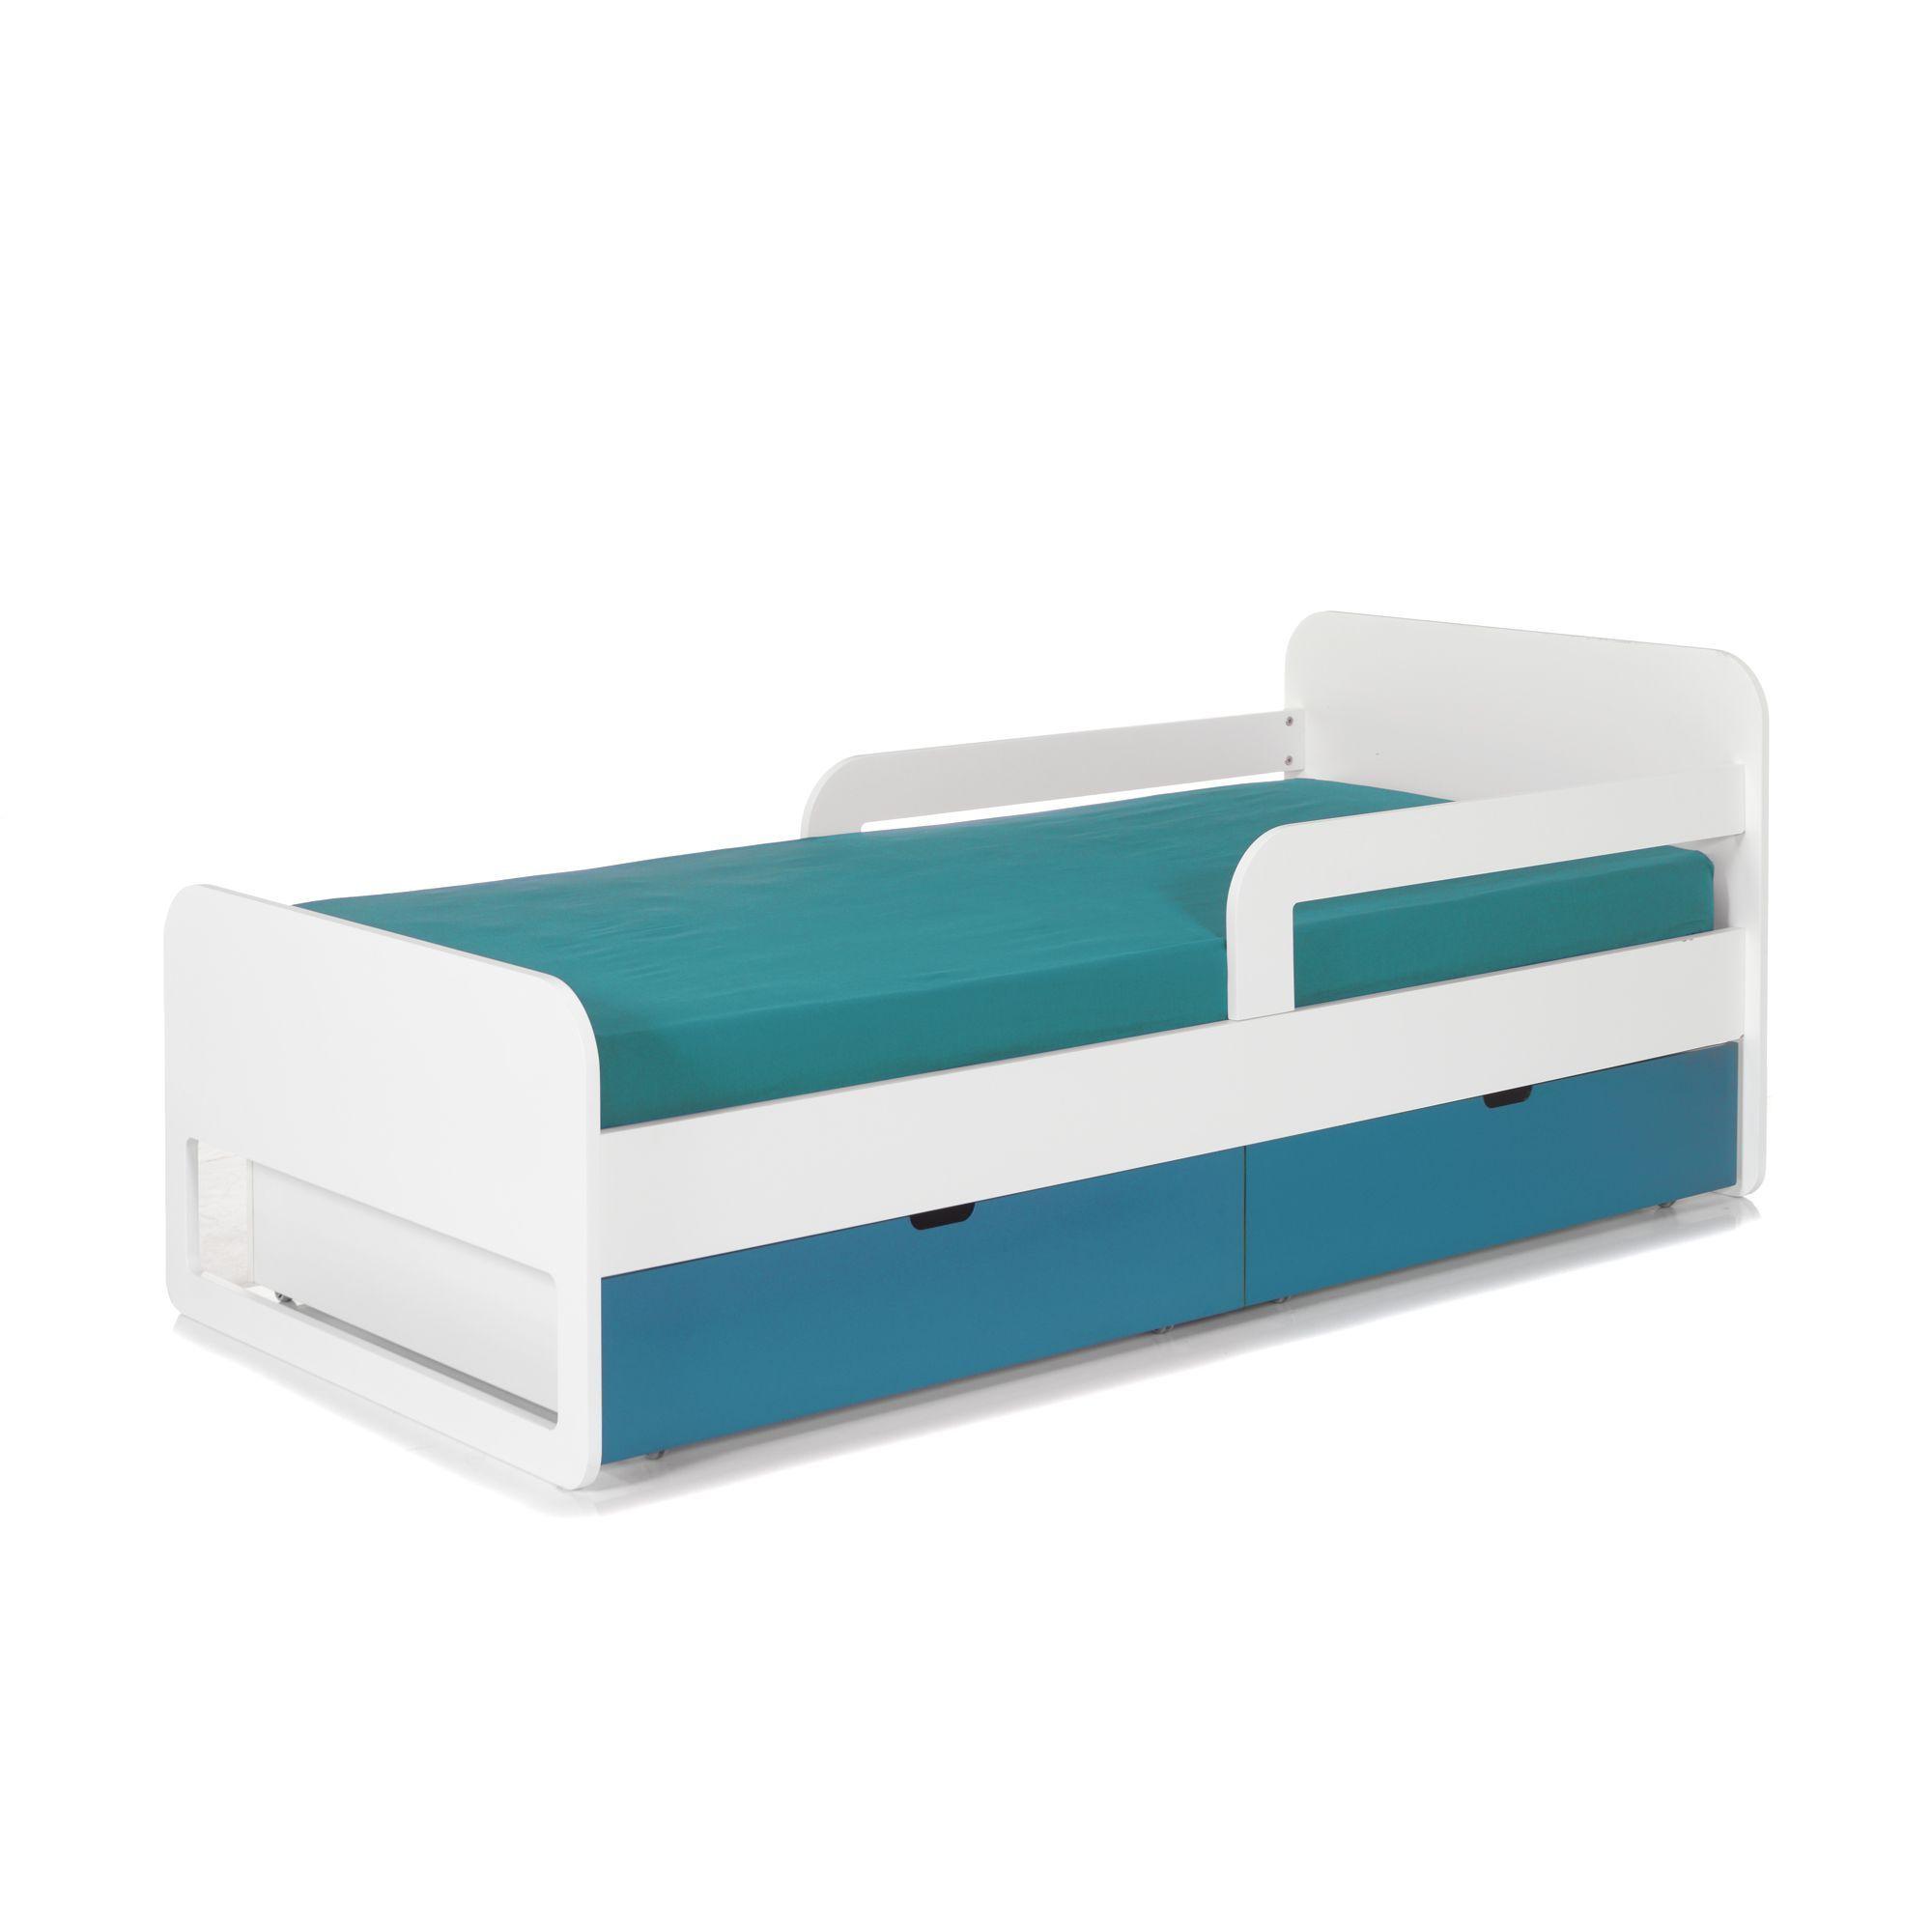 lit pour enfant avec barrires et tiroirs de rangement blanc bleu noa les - Alinea Lit Enfant